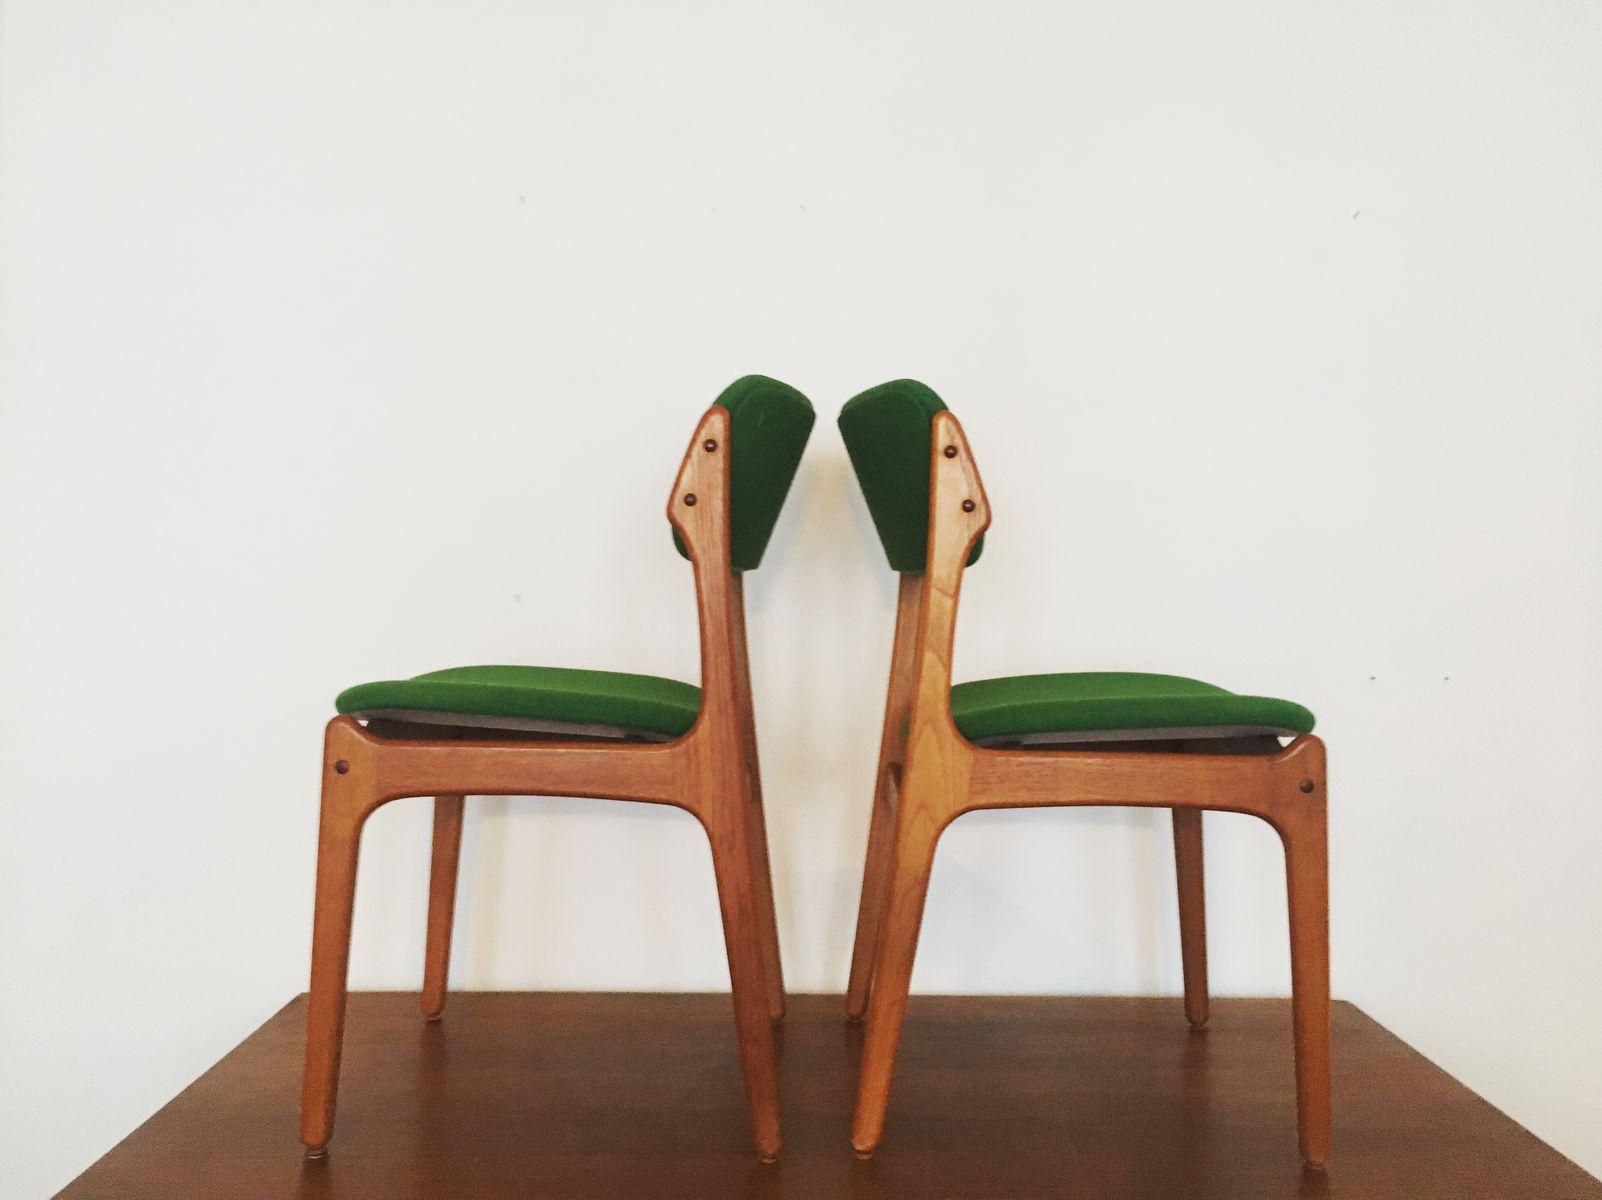 chaises en teck par erik buch pour o d mobler danemark 1960s set de 6 3 Résultat Supérieur 60 Beau Lampe De Bureau Vintage Photos 2018 Lok9